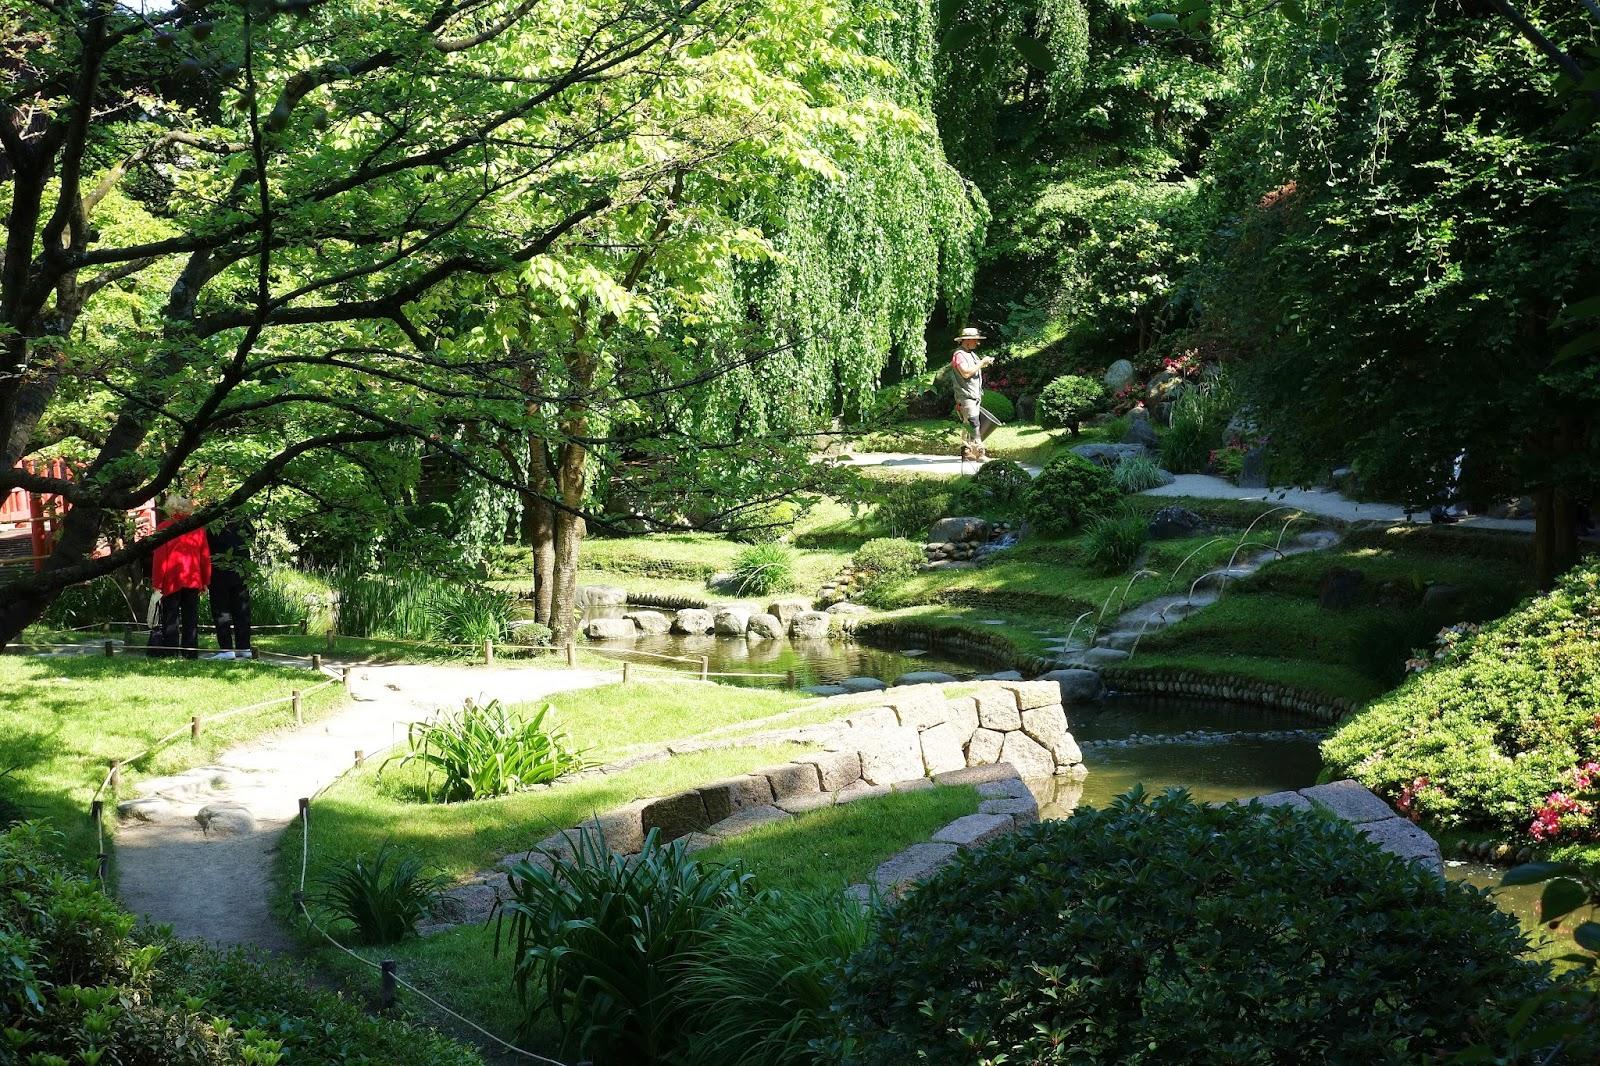 fontaine jardin japonais perfect jardin japonais miniature exterieur tout awesome fontaine. Black Bedroom Furniture Sets. Home Design Ideas